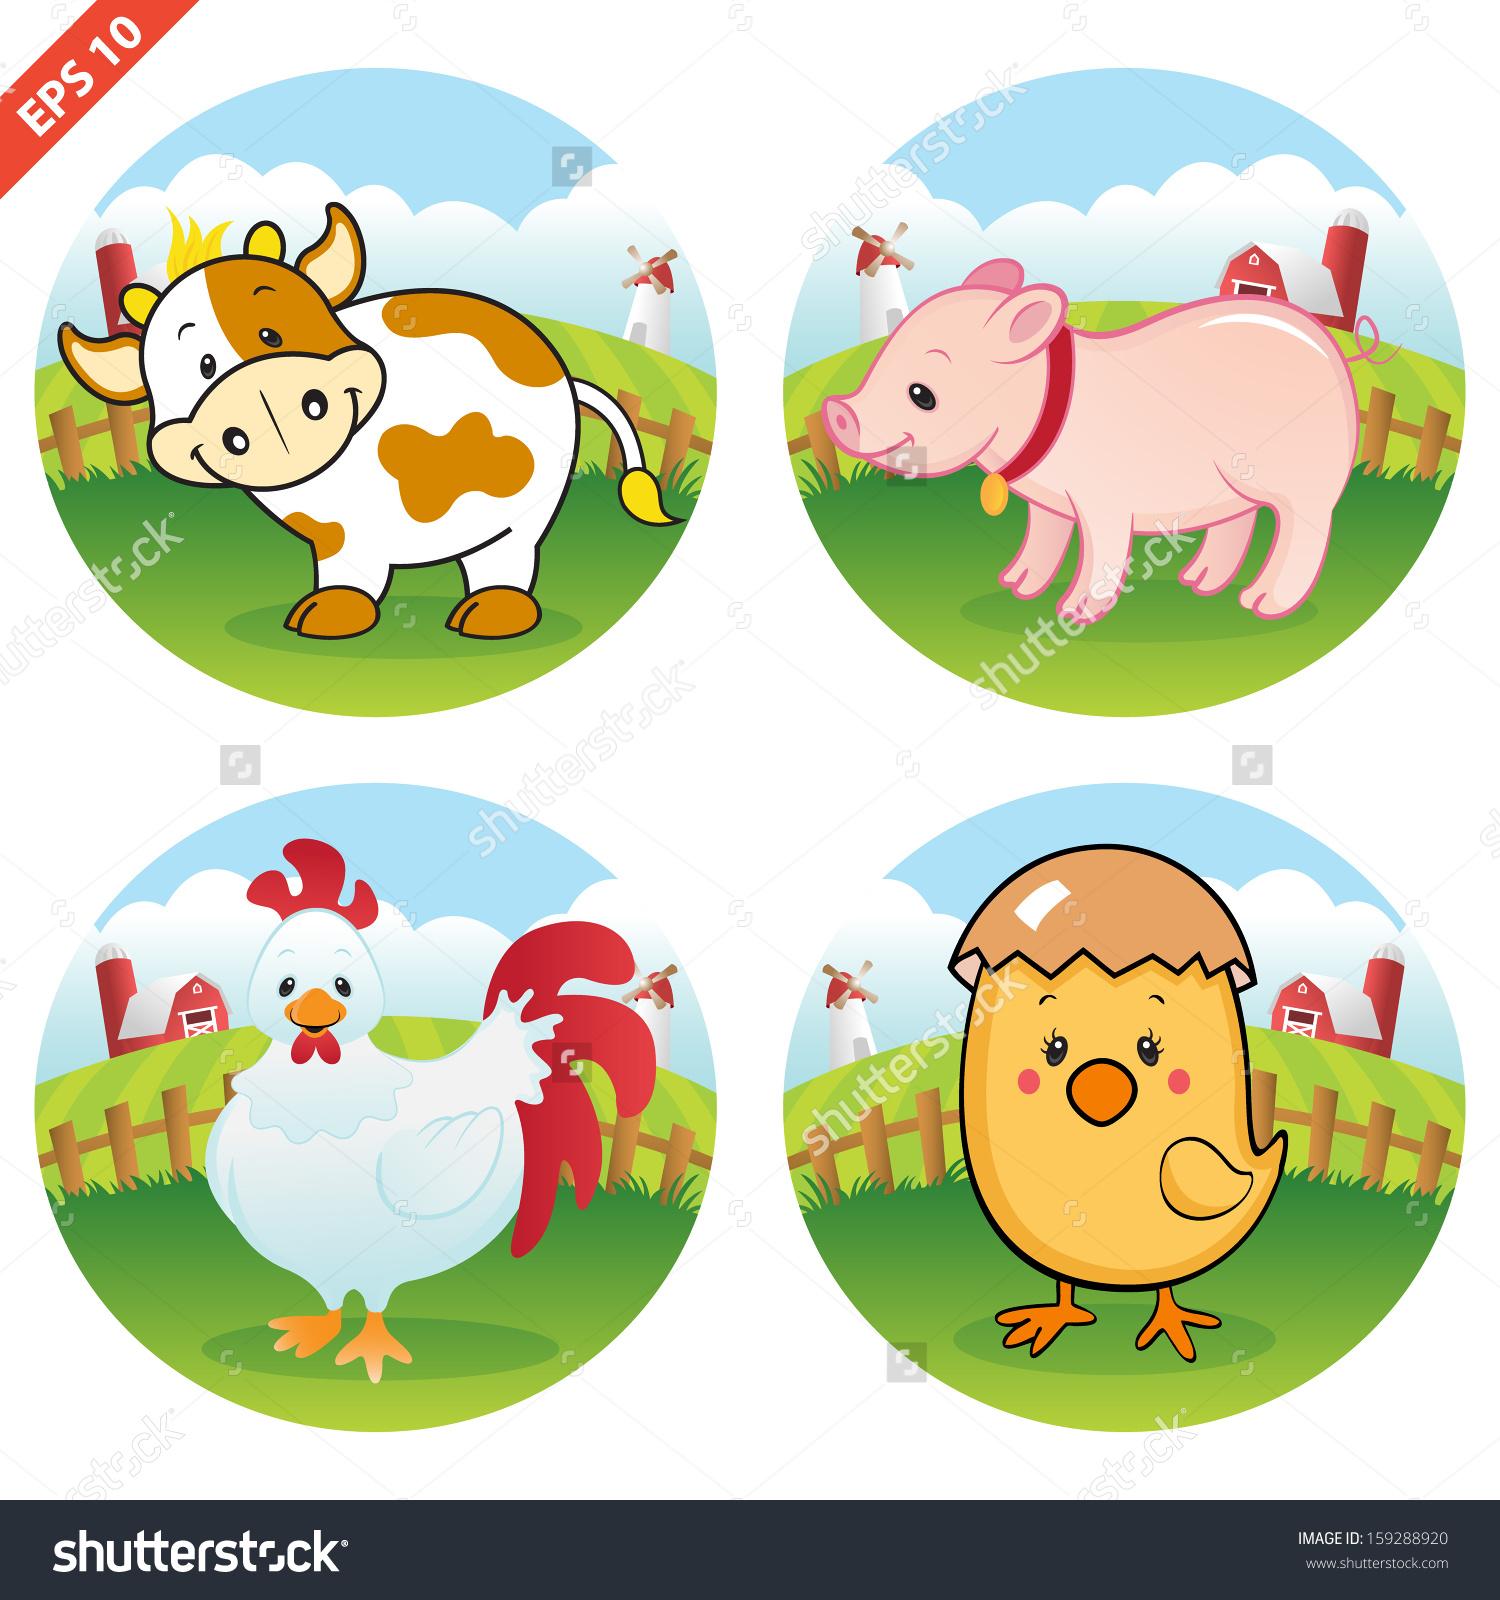 Farm Animal Clipart Collection Vector Stock Vector 159288920.